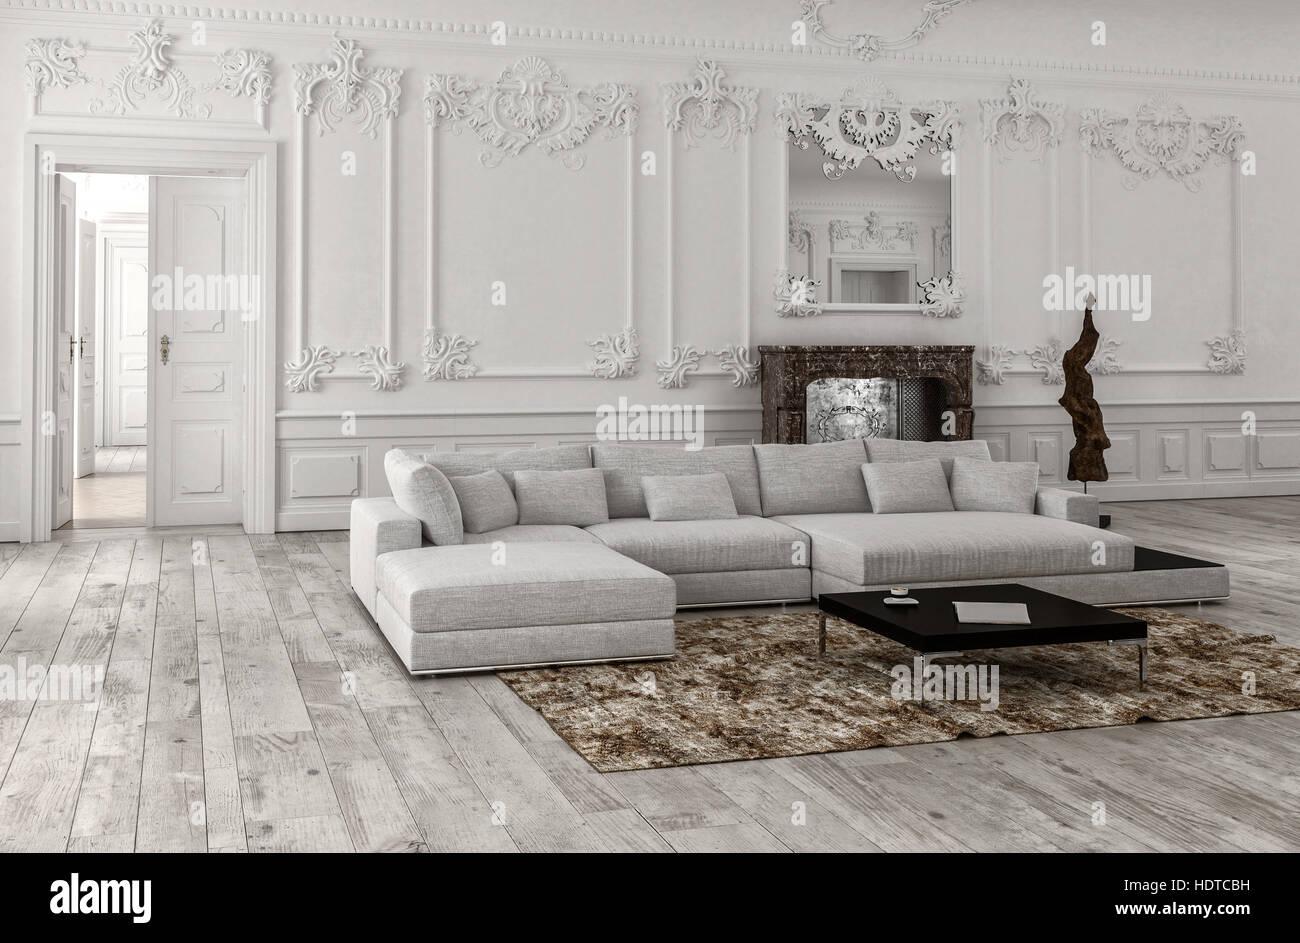 Schon Neutrale Einfarbige Weiße Klassische Wohnzimmer Interieur Mit Täfelung Und  Stuck Zierleisten, Ein Spiegel über Eine Marmor Kamin Und Bequemen Modular